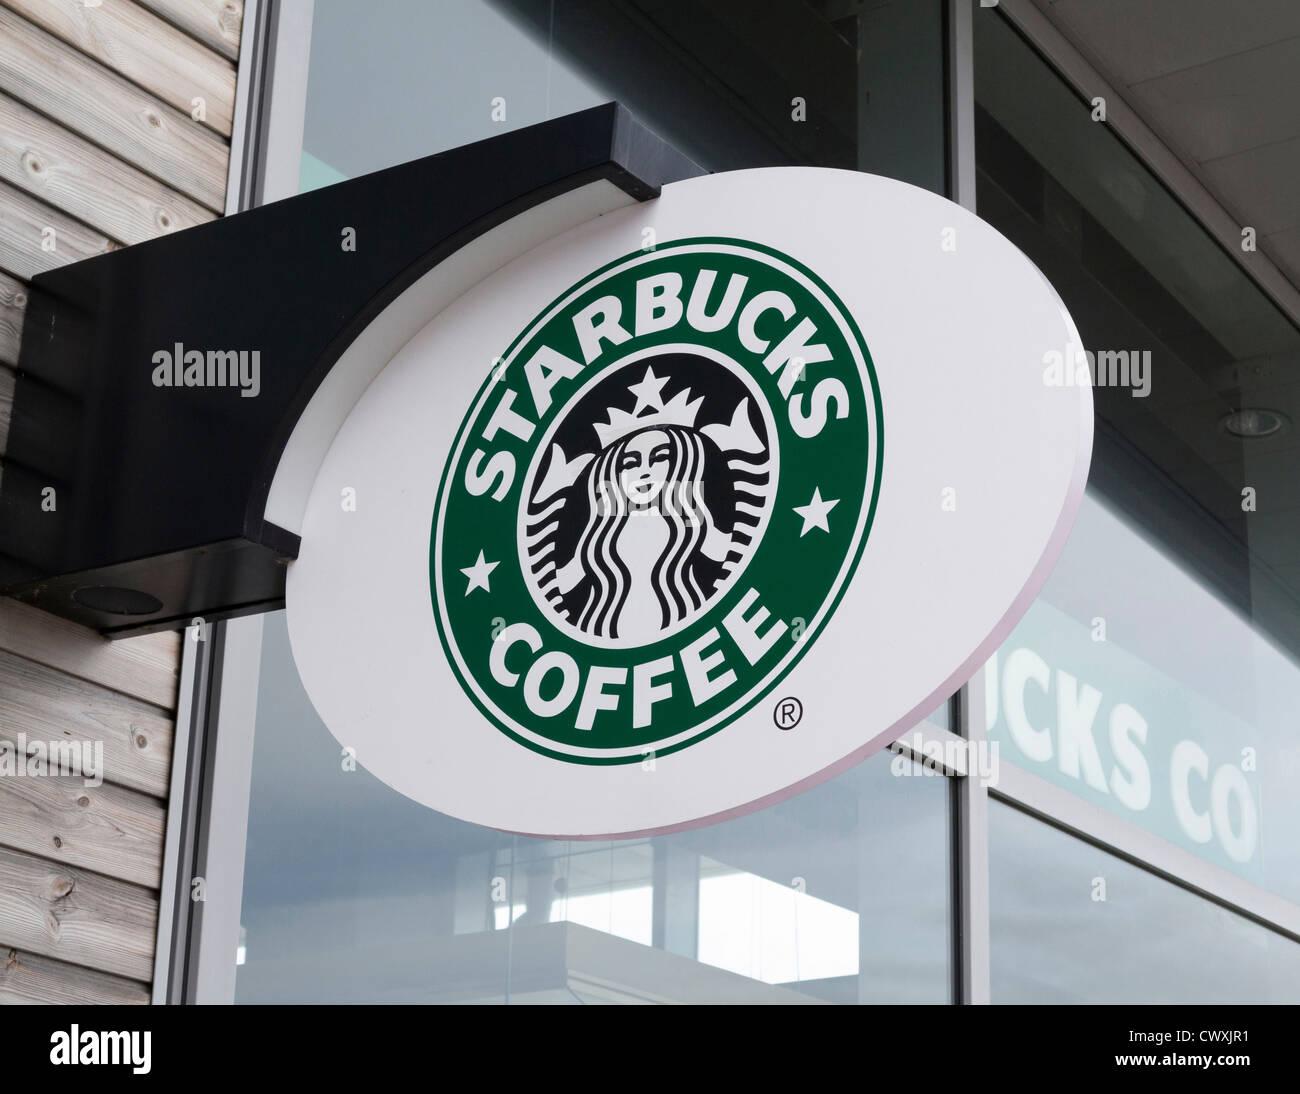 Starbucks sign logo - Stock Image